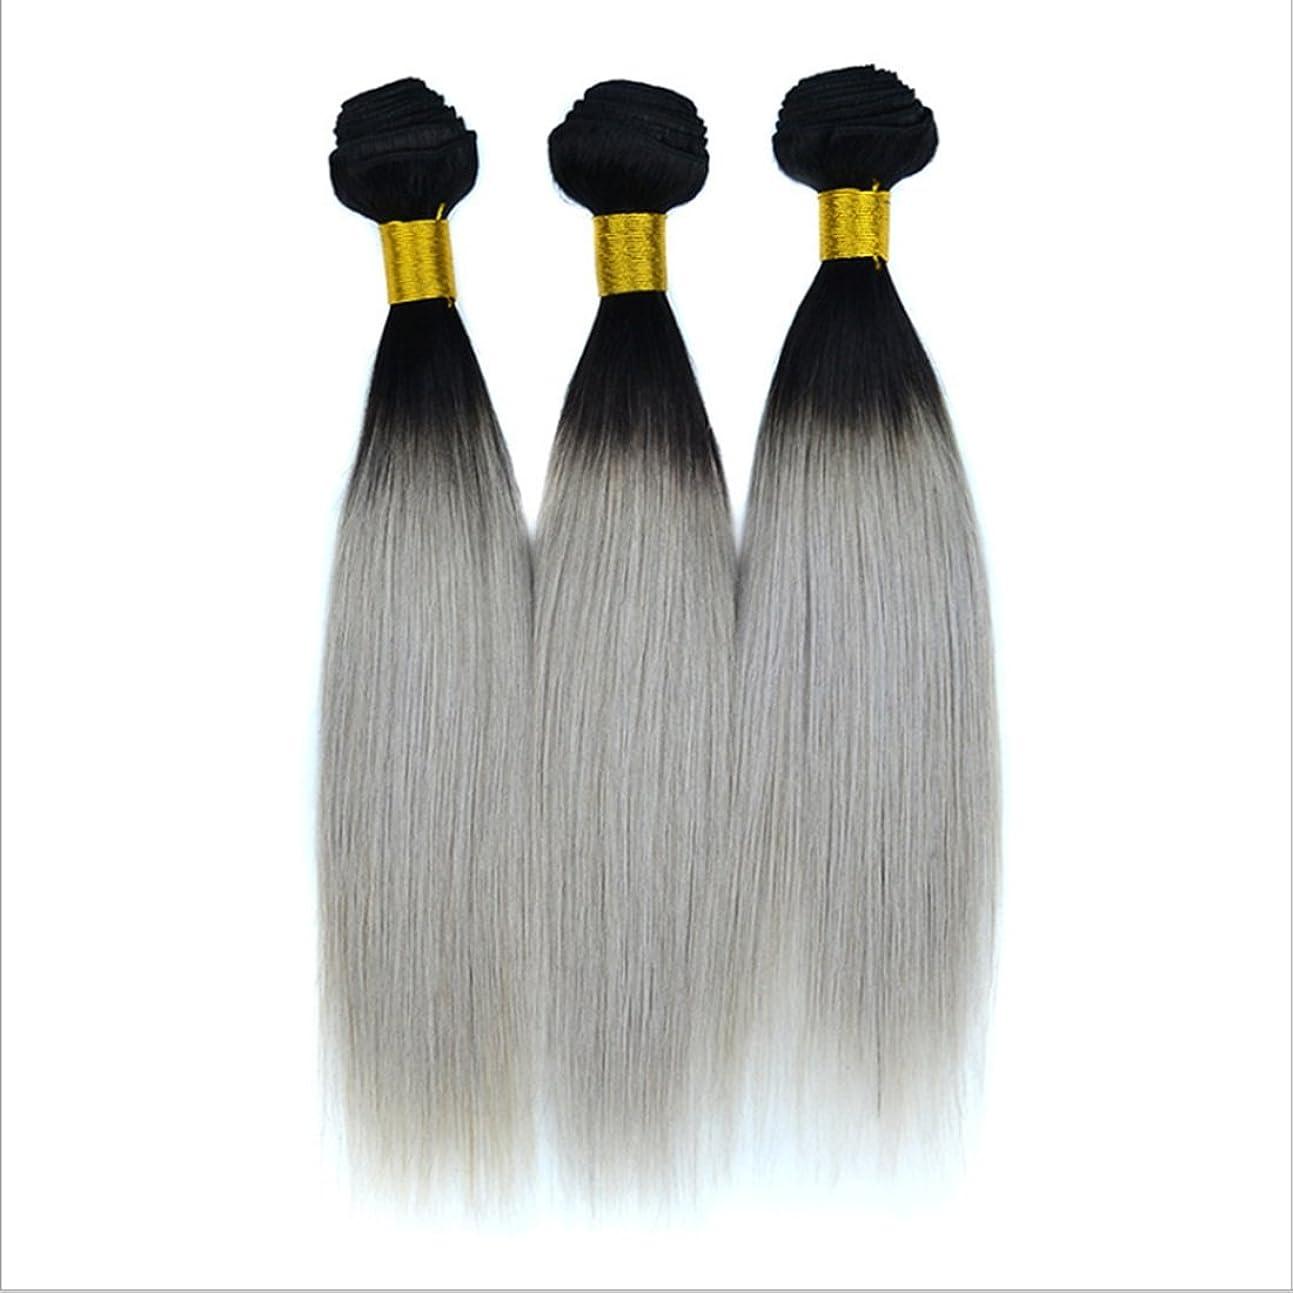 文化解決するバージンリアルストレート人間の毛のカーテンブラジルの女性のためのヘアエクステンションナチュラルブラックグラデーションシルバーグレーヘアピンストレートヘア100g(10inch?18inch) (サイズ : 12 inches)